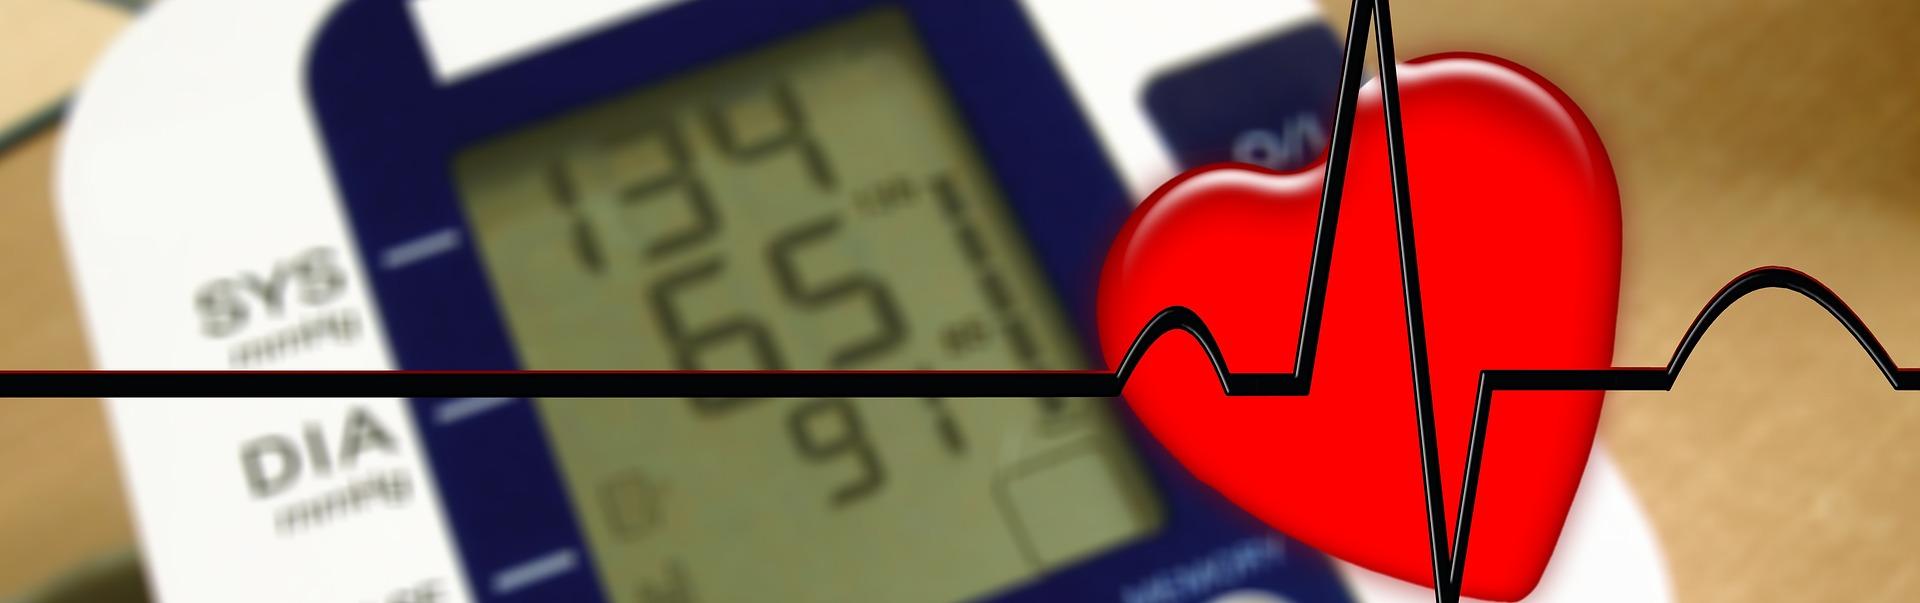 az osteochondrosis magas vérnyomásától magas vérnyomás energia